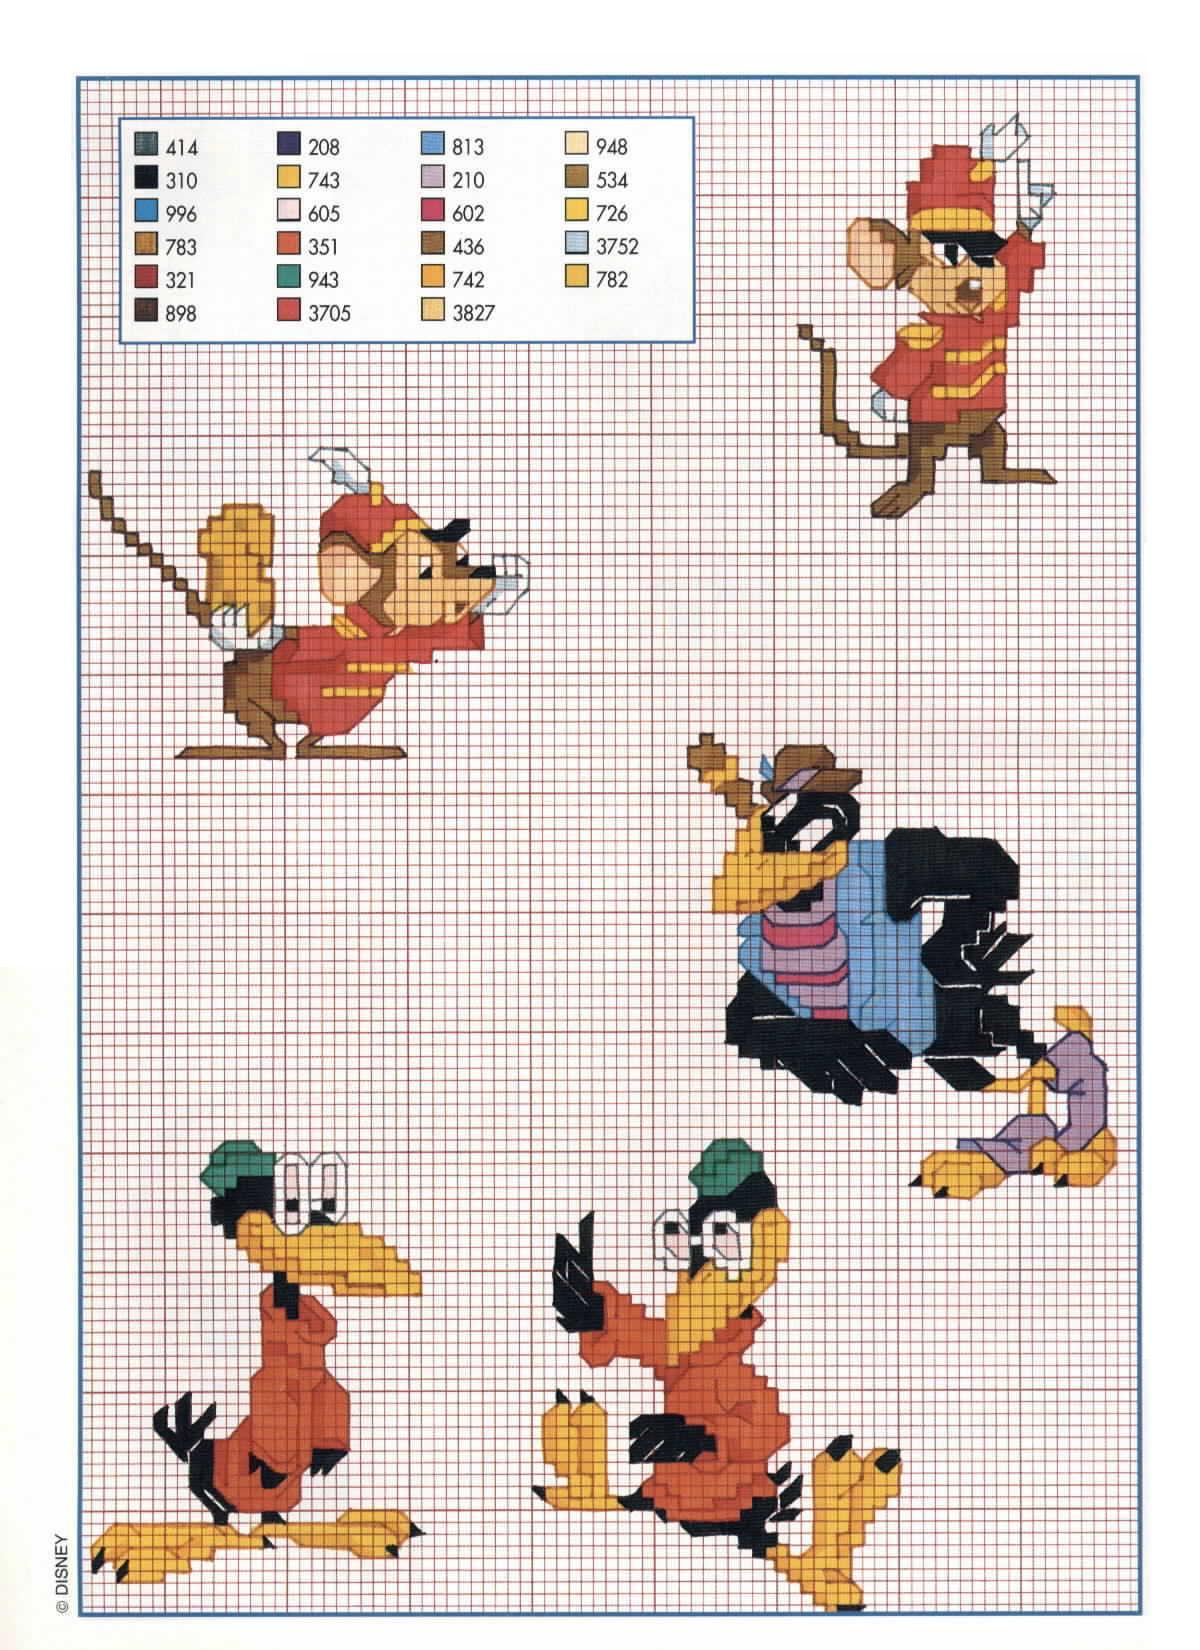 Il topo timoteo amico di dumbo punto for Schemi punto croce bambini disney